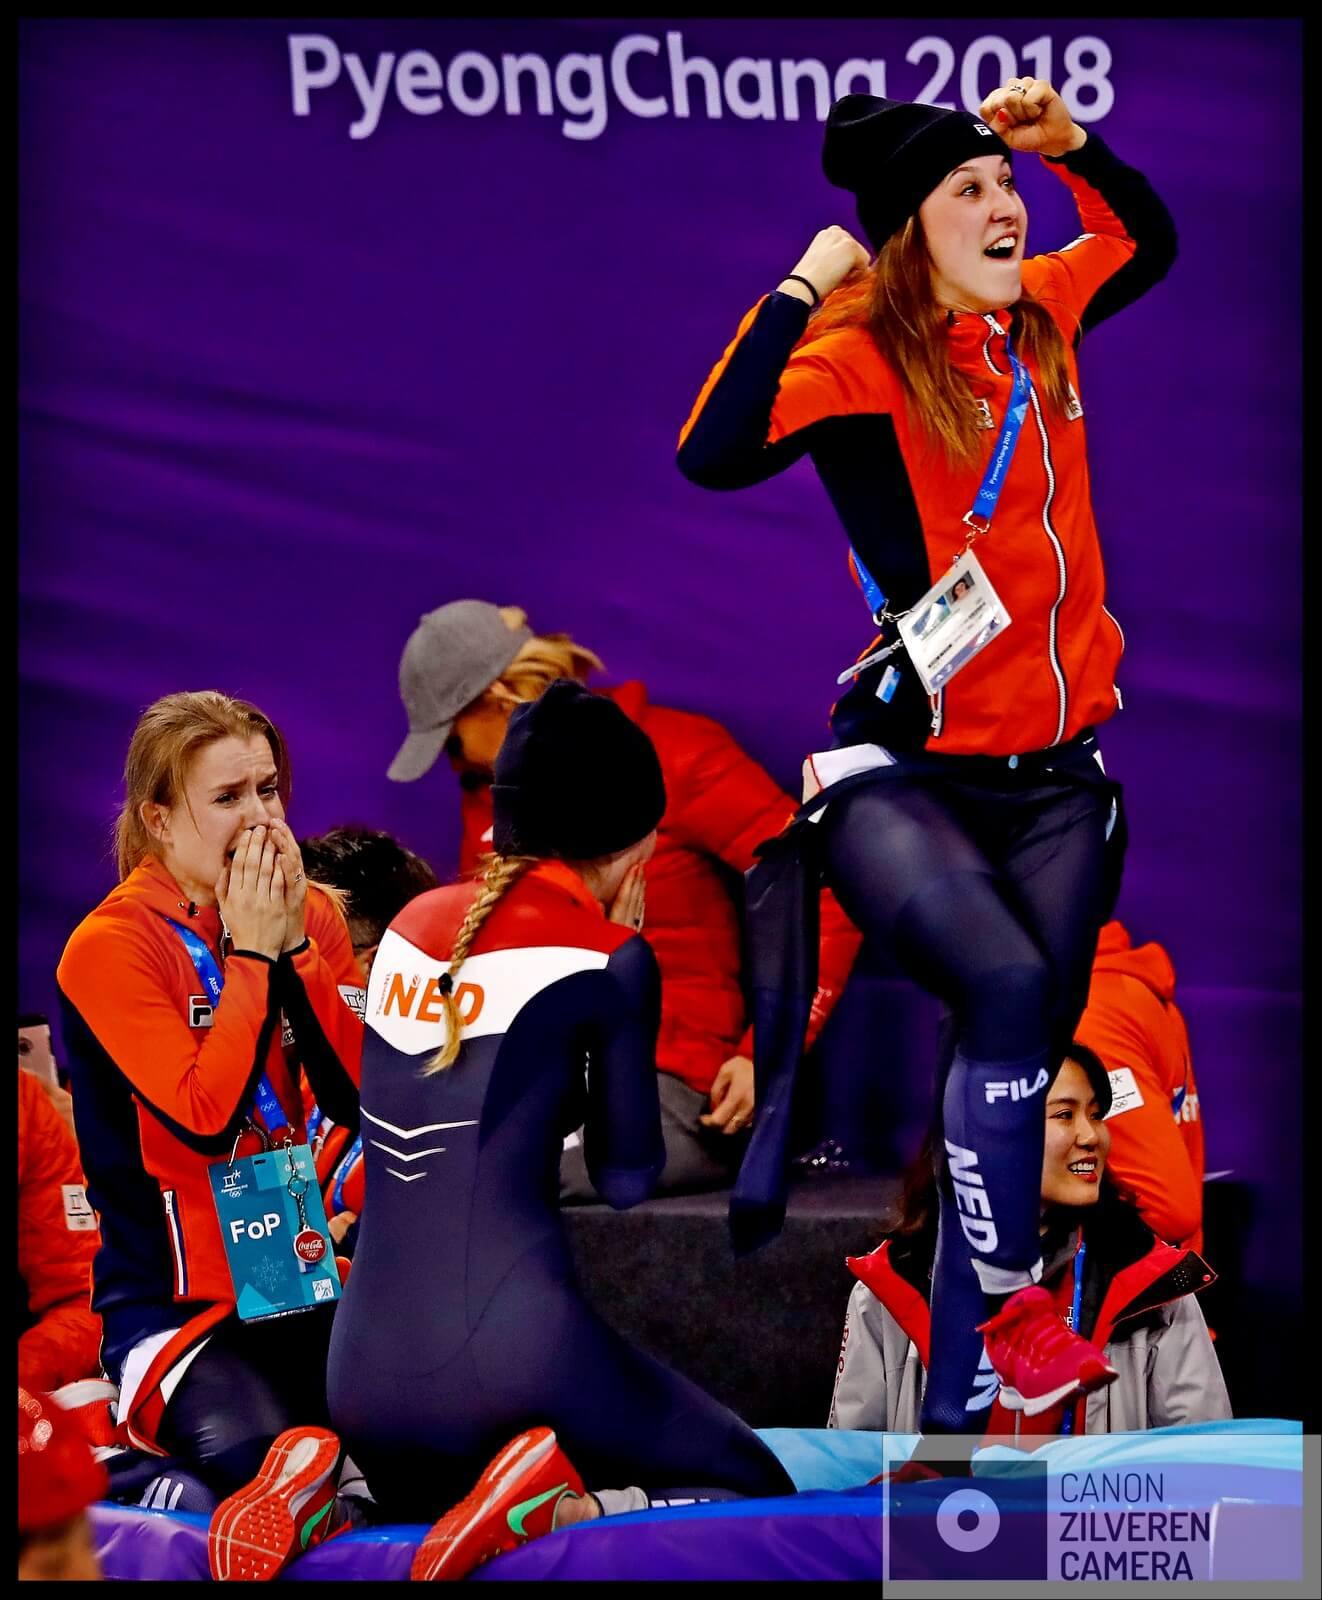 Serie Suzanne Schulting; Van Olympische val tot Sportvrouw van het Jaar. Olympische Winterspelen 2018Zuid-Korea, Gangneung, 06-02-2018FOTO 4De Nederlandse shorttrack relay-ploeg slaagt er niet in de A-finale te halen maar in de B-finale rijden zij een wereldrecord. Door twee straffen voor landen in de A-finale winnen zij toch nog brons. Het ongeloof straalt af van het gezicht van Yara van Kerkhof en rechts springt Schulting van vreugde op de kussens.